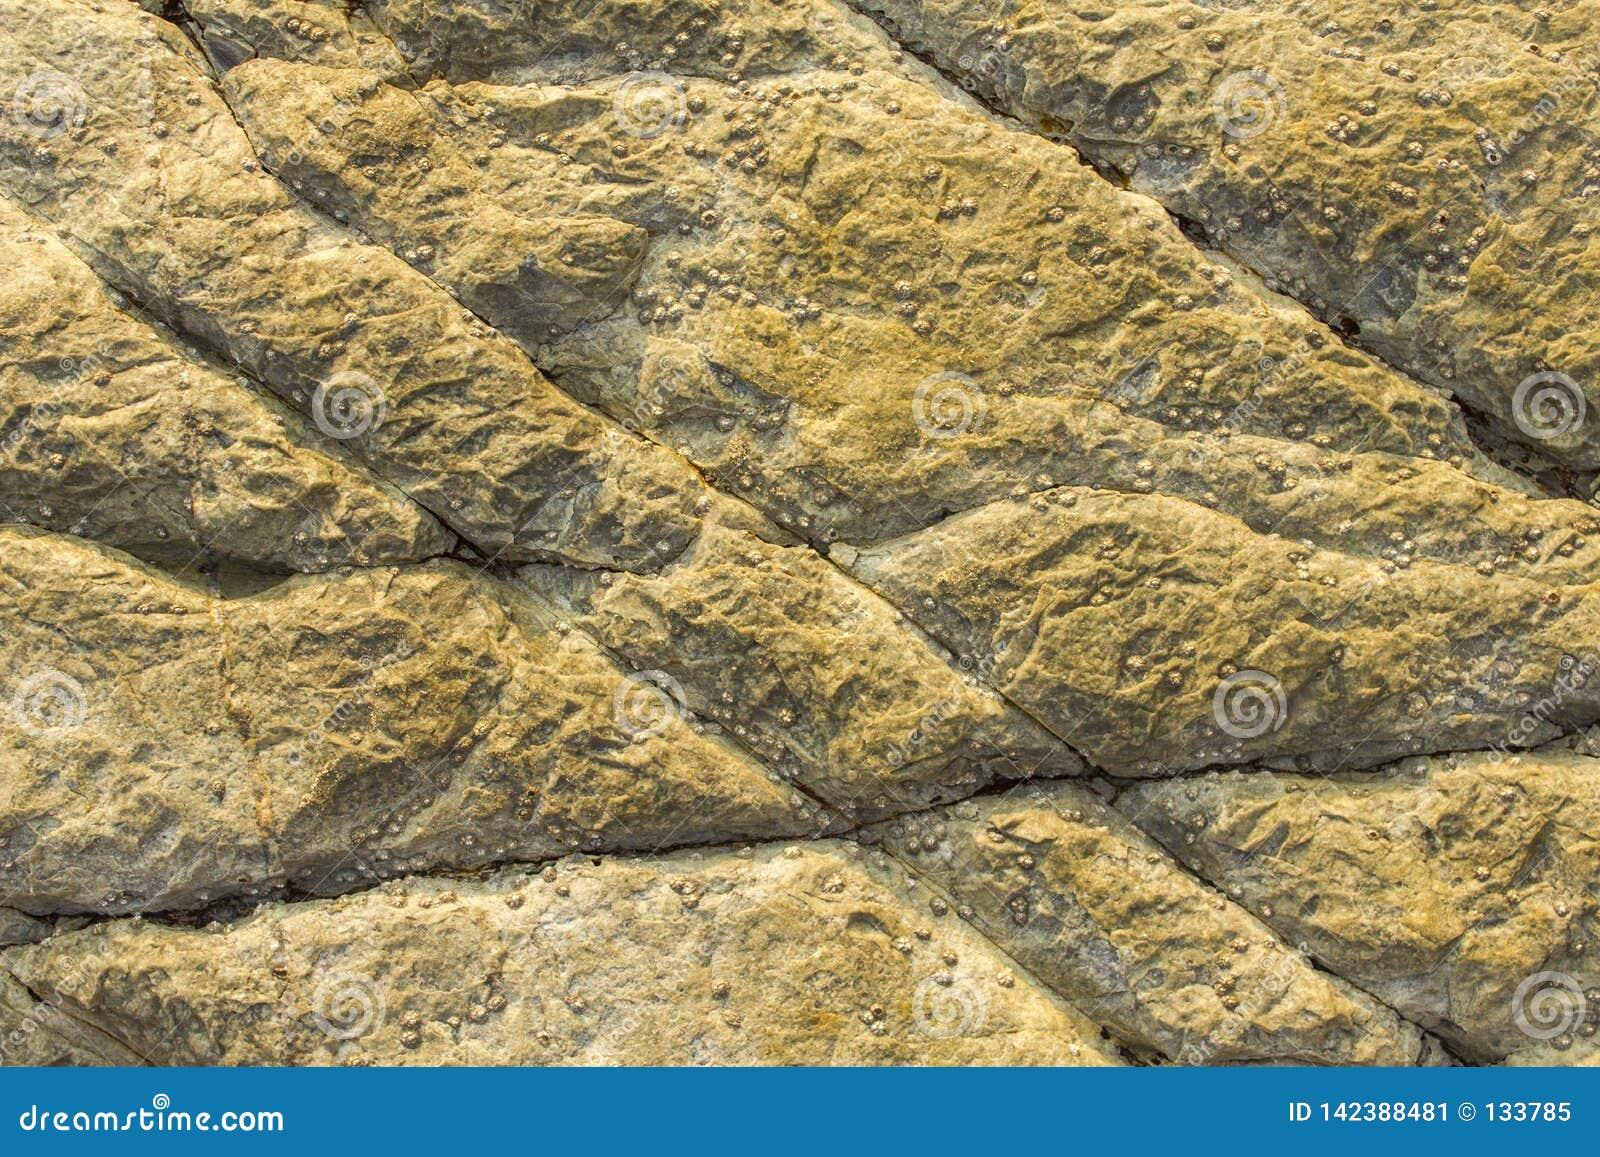 Γκρίζος κίτρινος βράχος με τις μεγάλα ρωγμές και τα θαλασσινά κοχύλια τραχιά φυσική επιφάνεια σύστασης